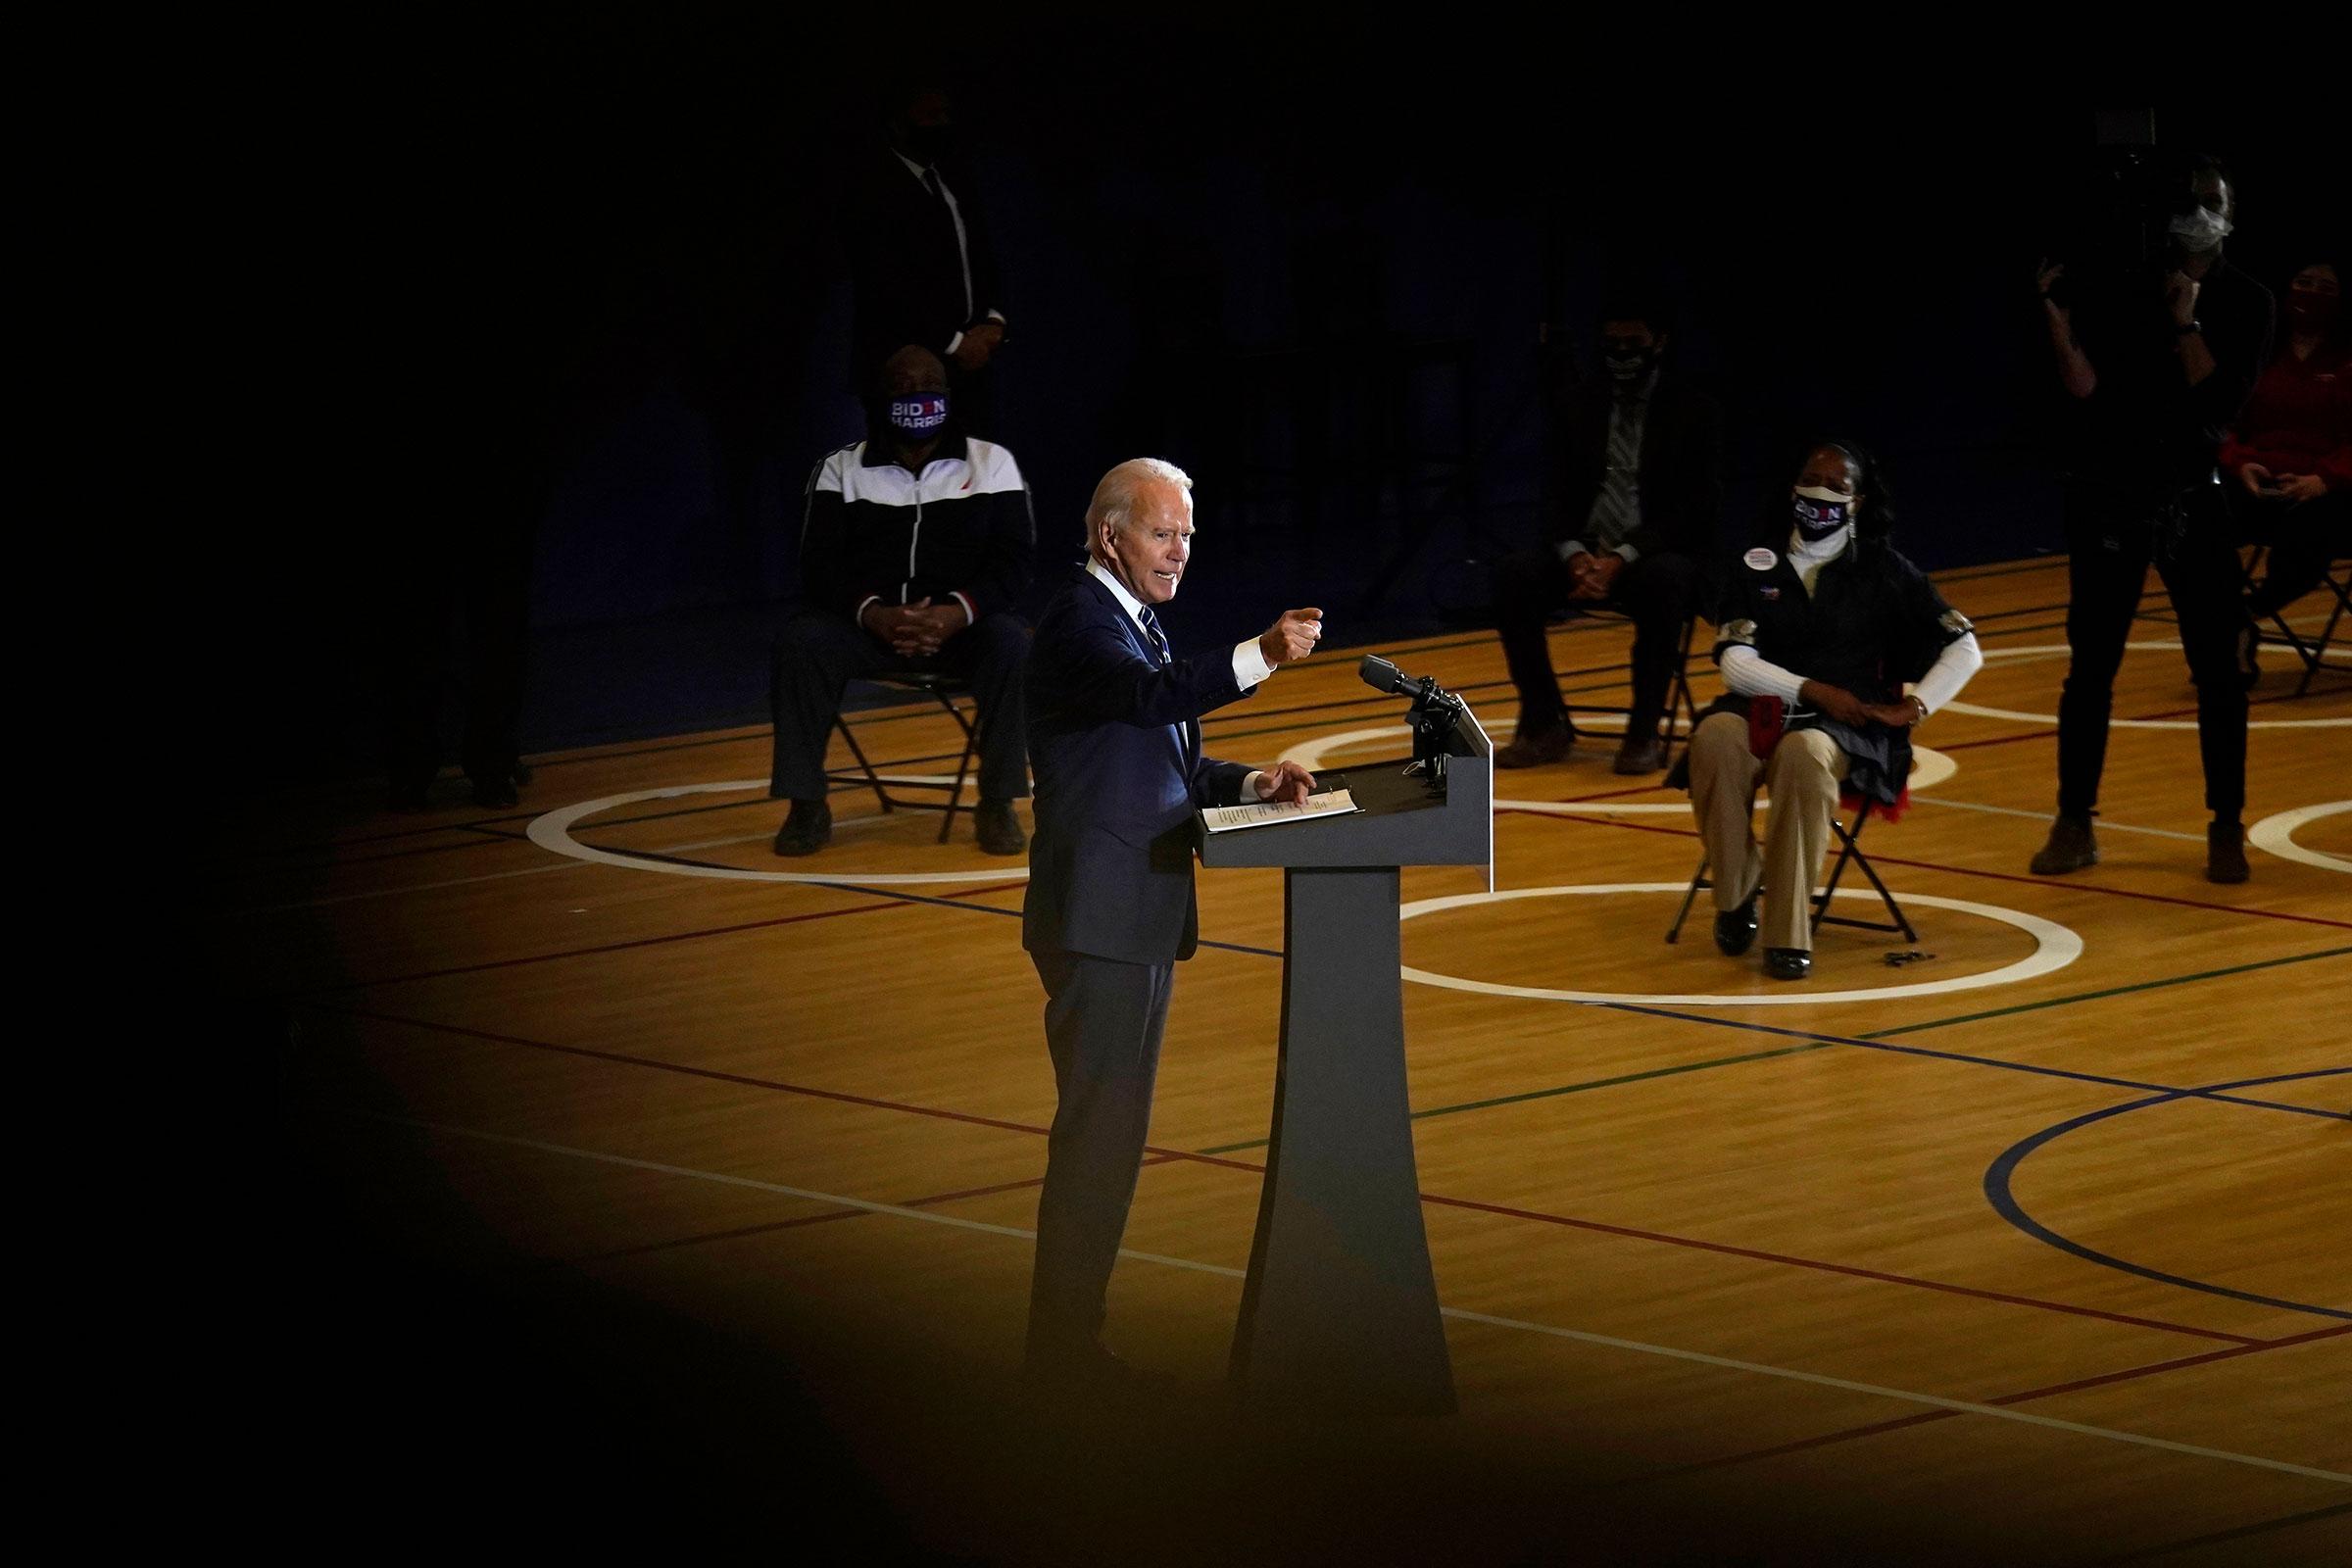 Joe Biden speaks at Beech Woods Recreation Center, in Southfield, Mich., on Oct. 16, 2020.